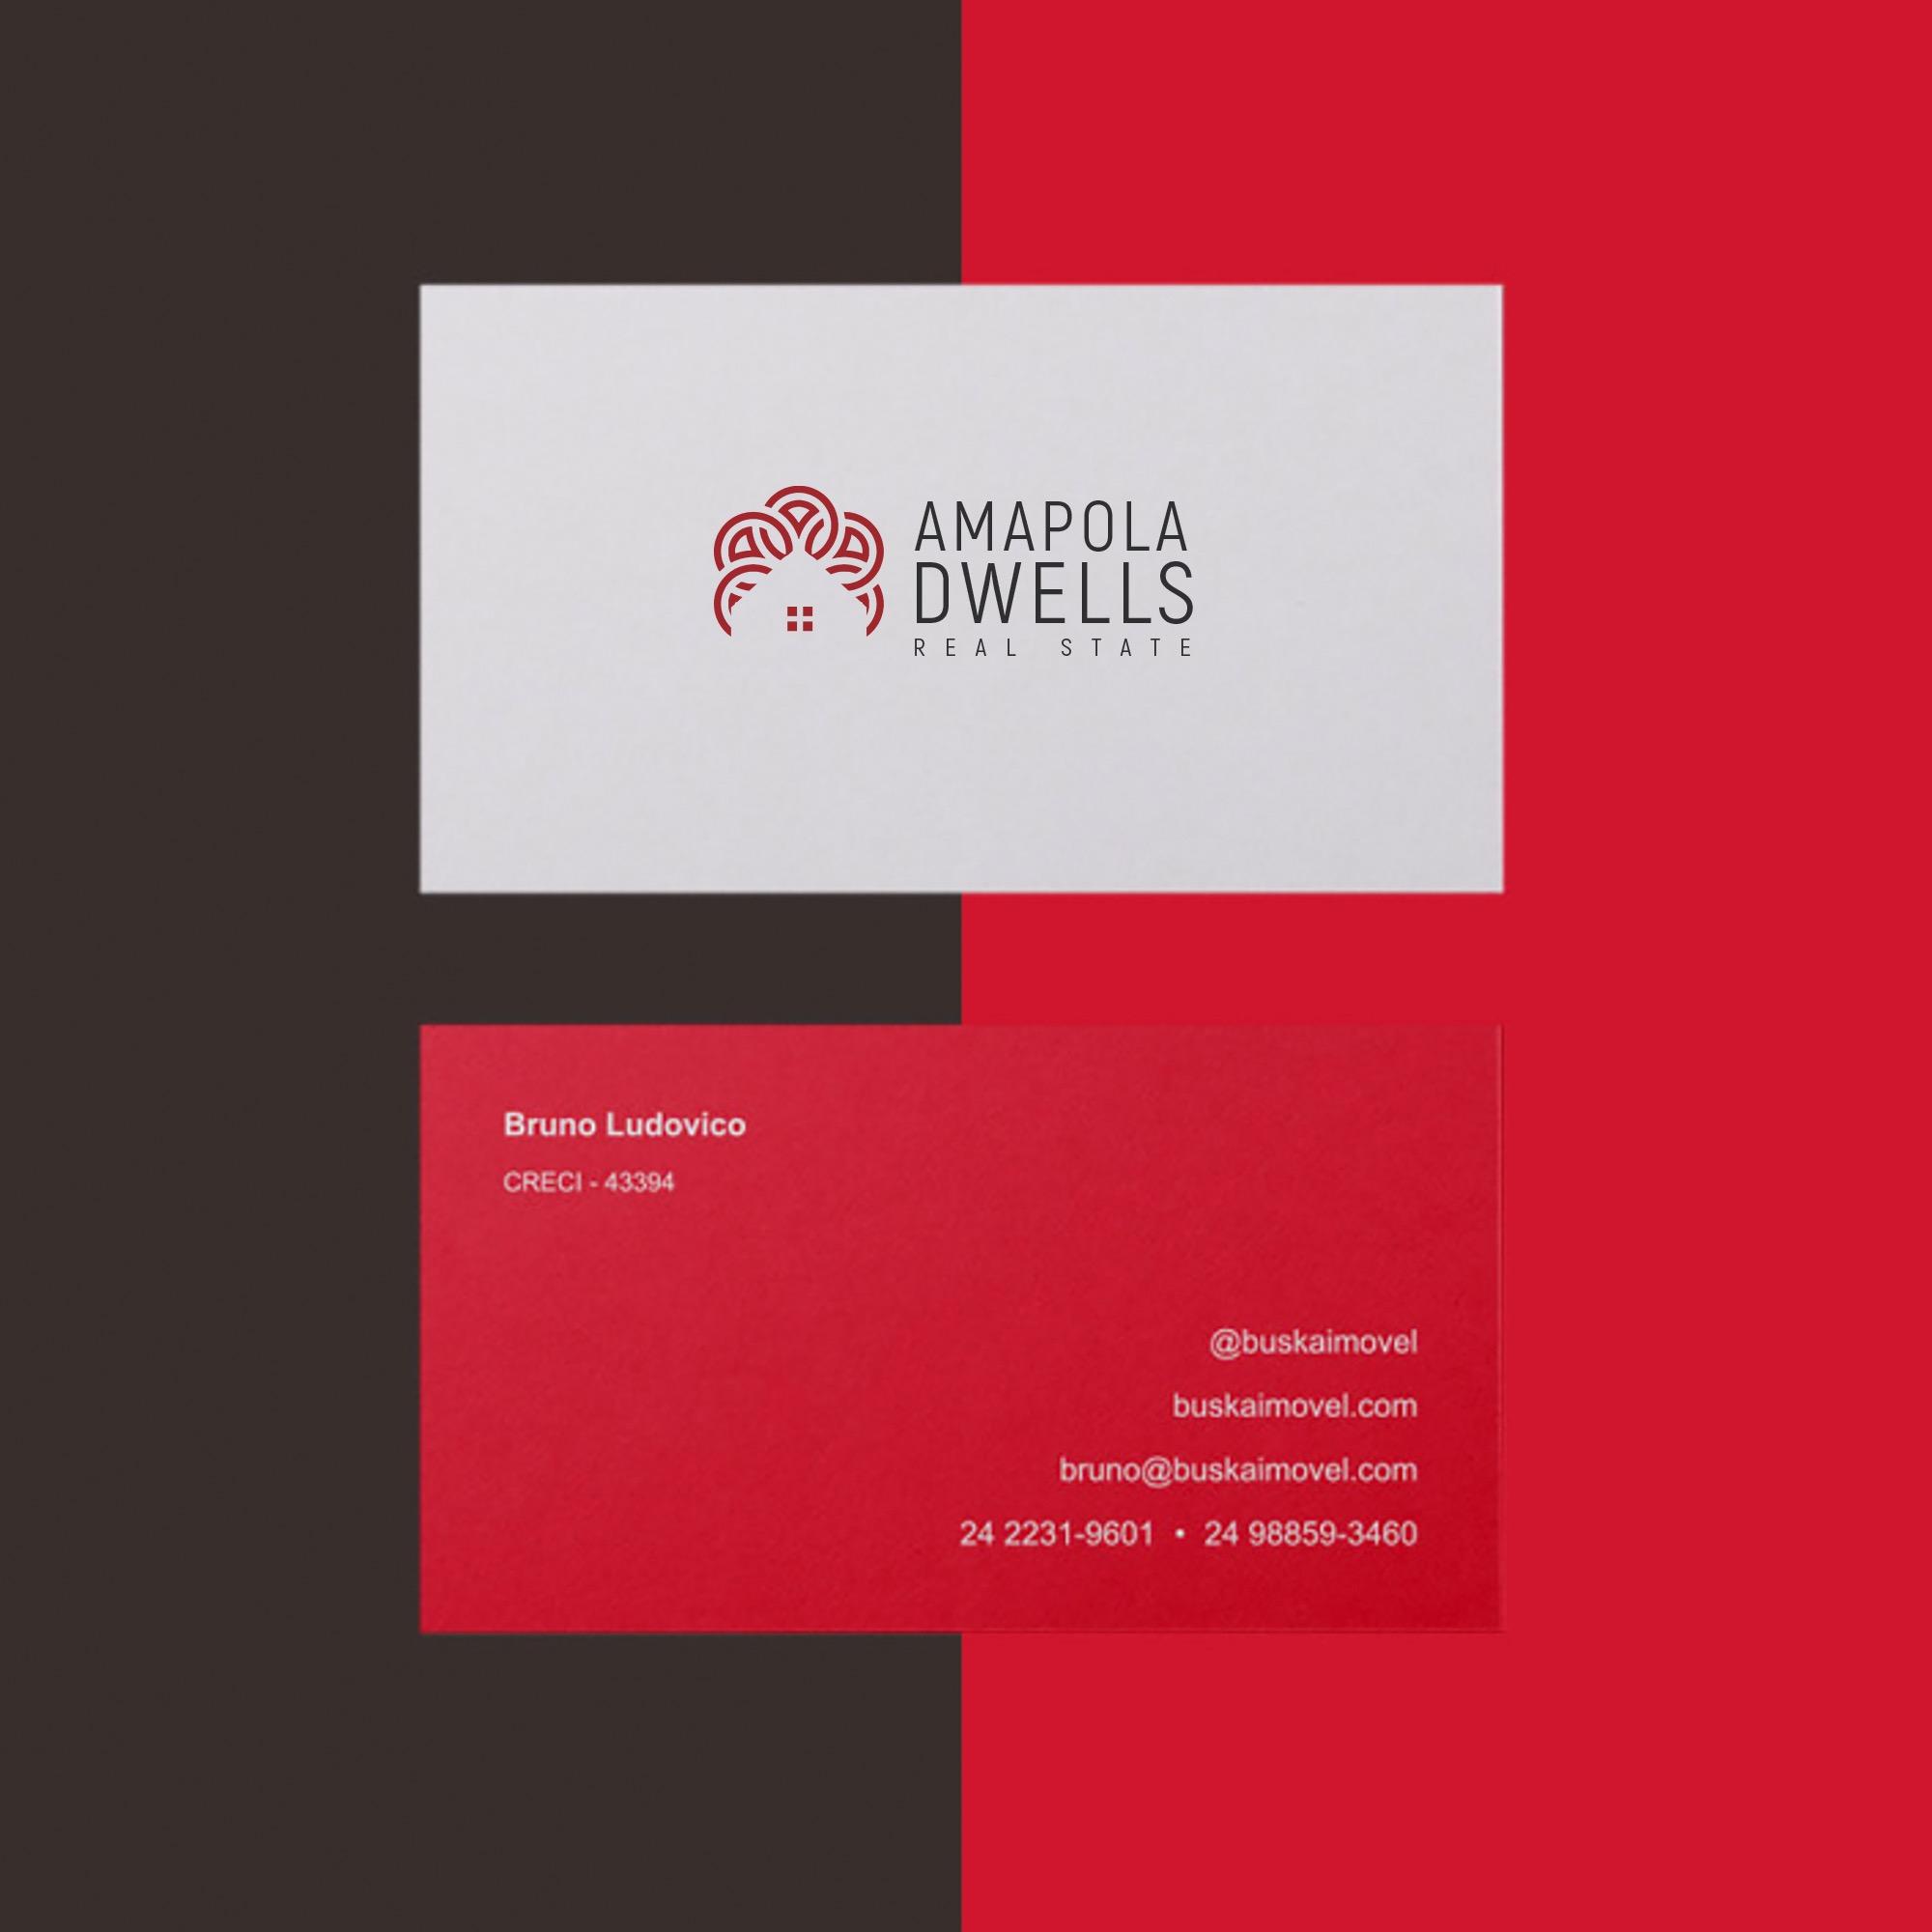 BM_WEB_MOCKUP_MAYO_BM_WEB_MOCKUP_BusinessCard_AMAPOLA